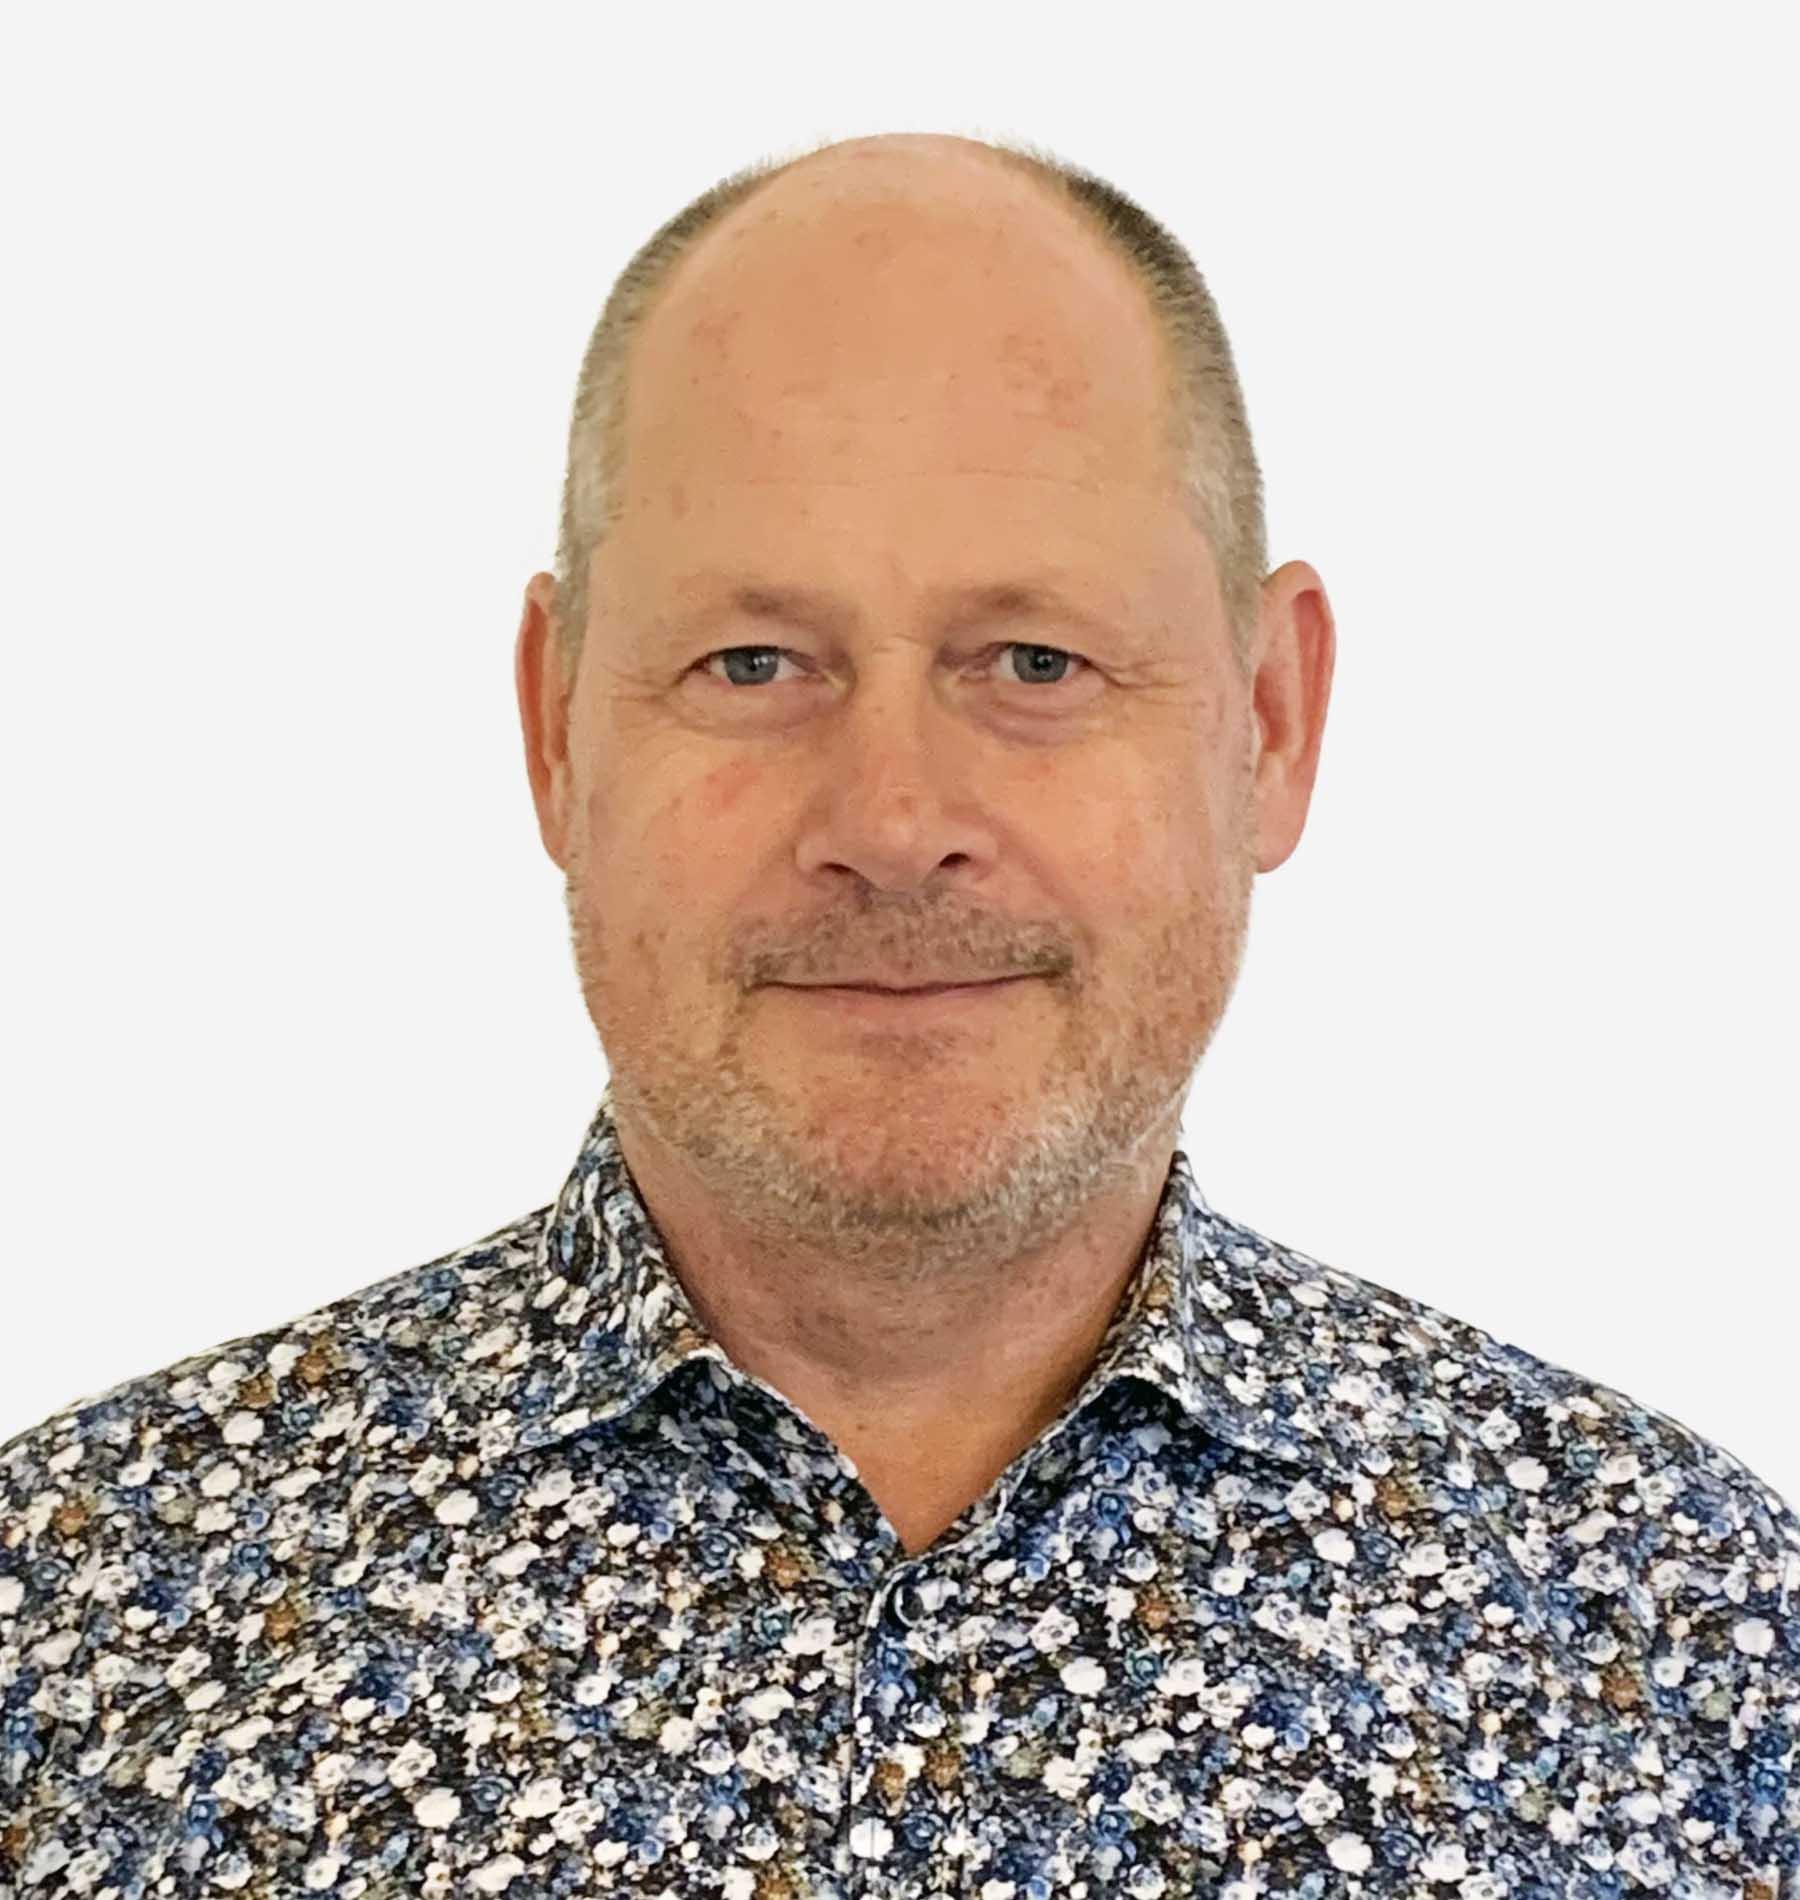 Kenneth Samuelsson